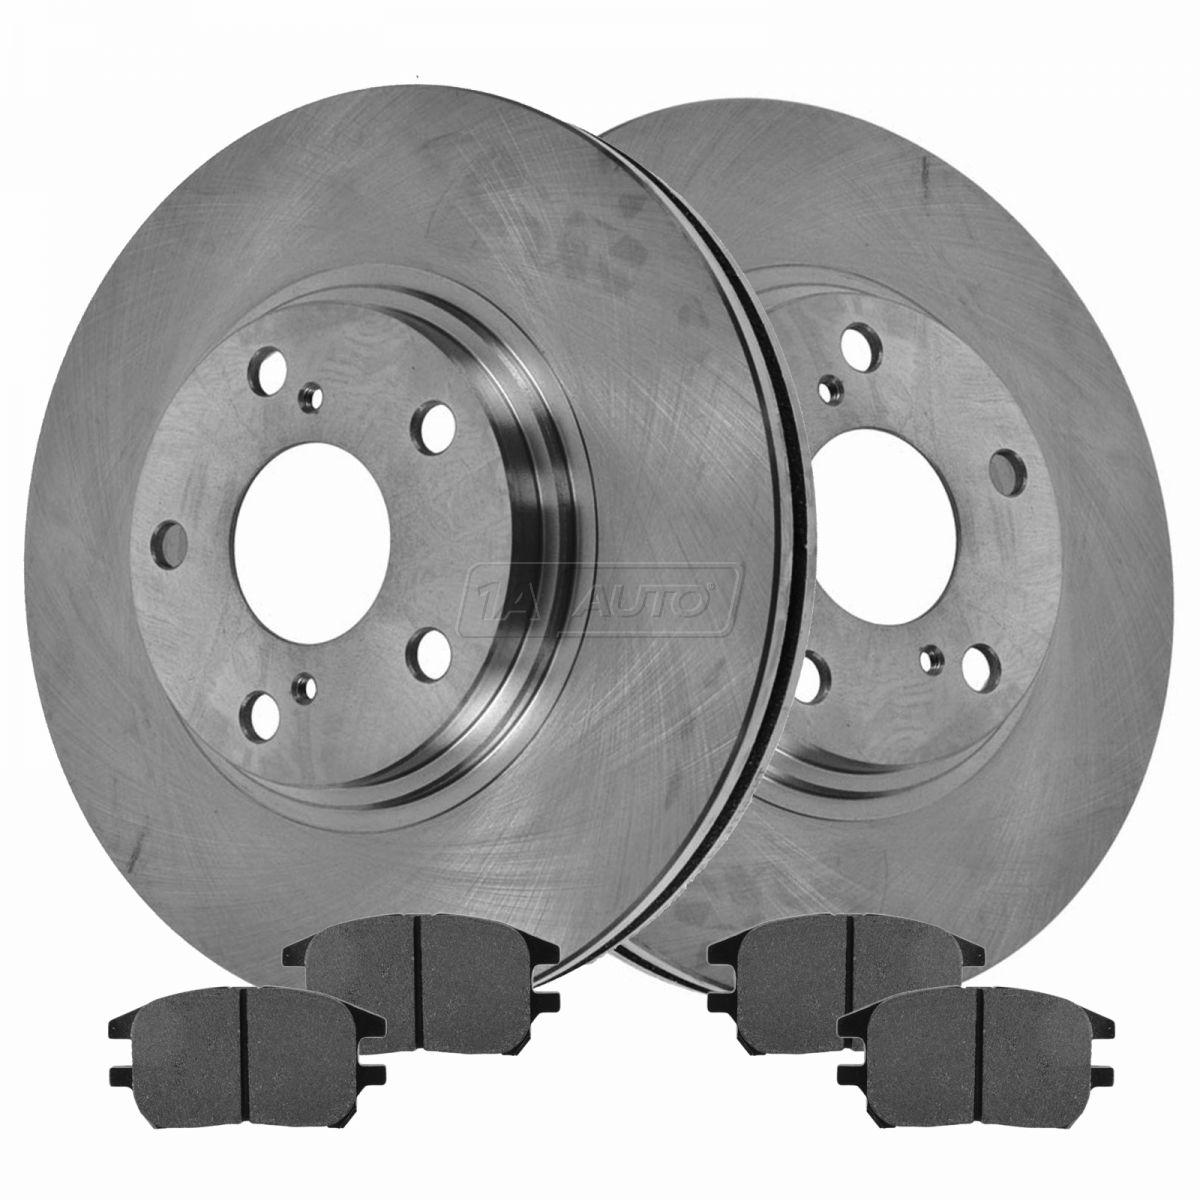 Land Rover Rear Brake Rotor Disc Pads W Sensor Range 03: Brake Rotor Posi Metallic Pad Set Kit With Shims Front For